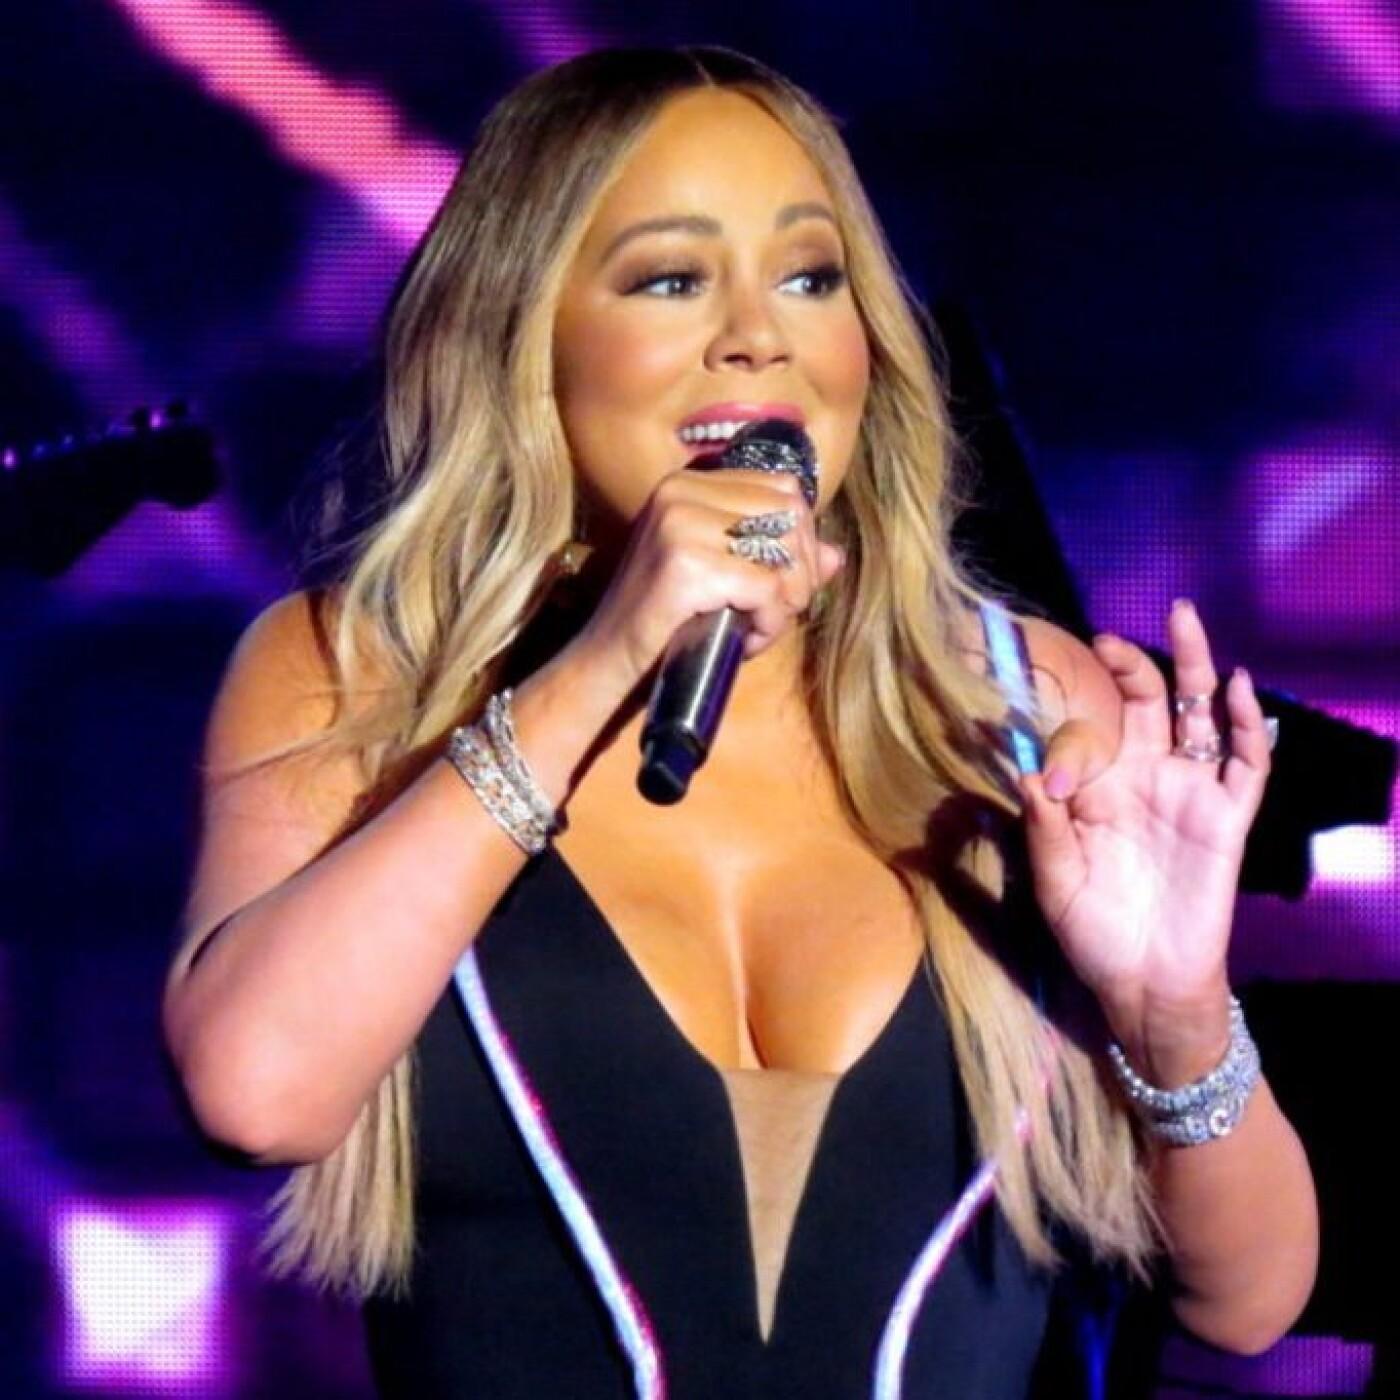 La soeur de Mariah Carey lui réclame 1,25 millions de dollars